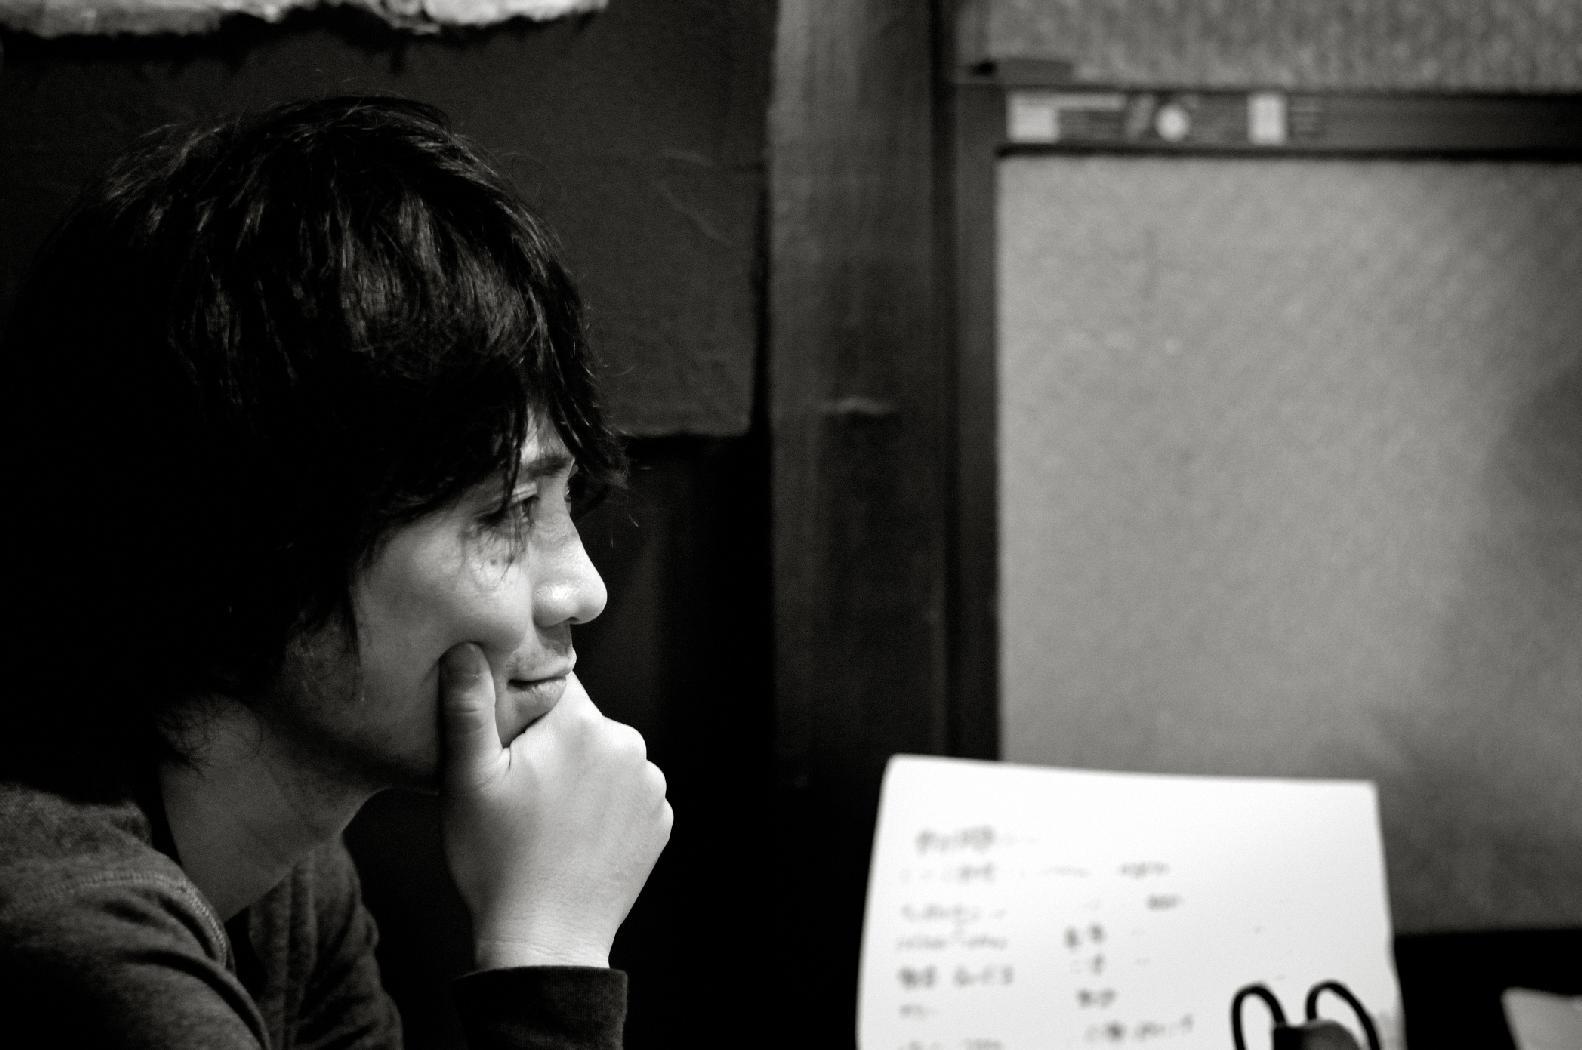 Eiji Fukushima